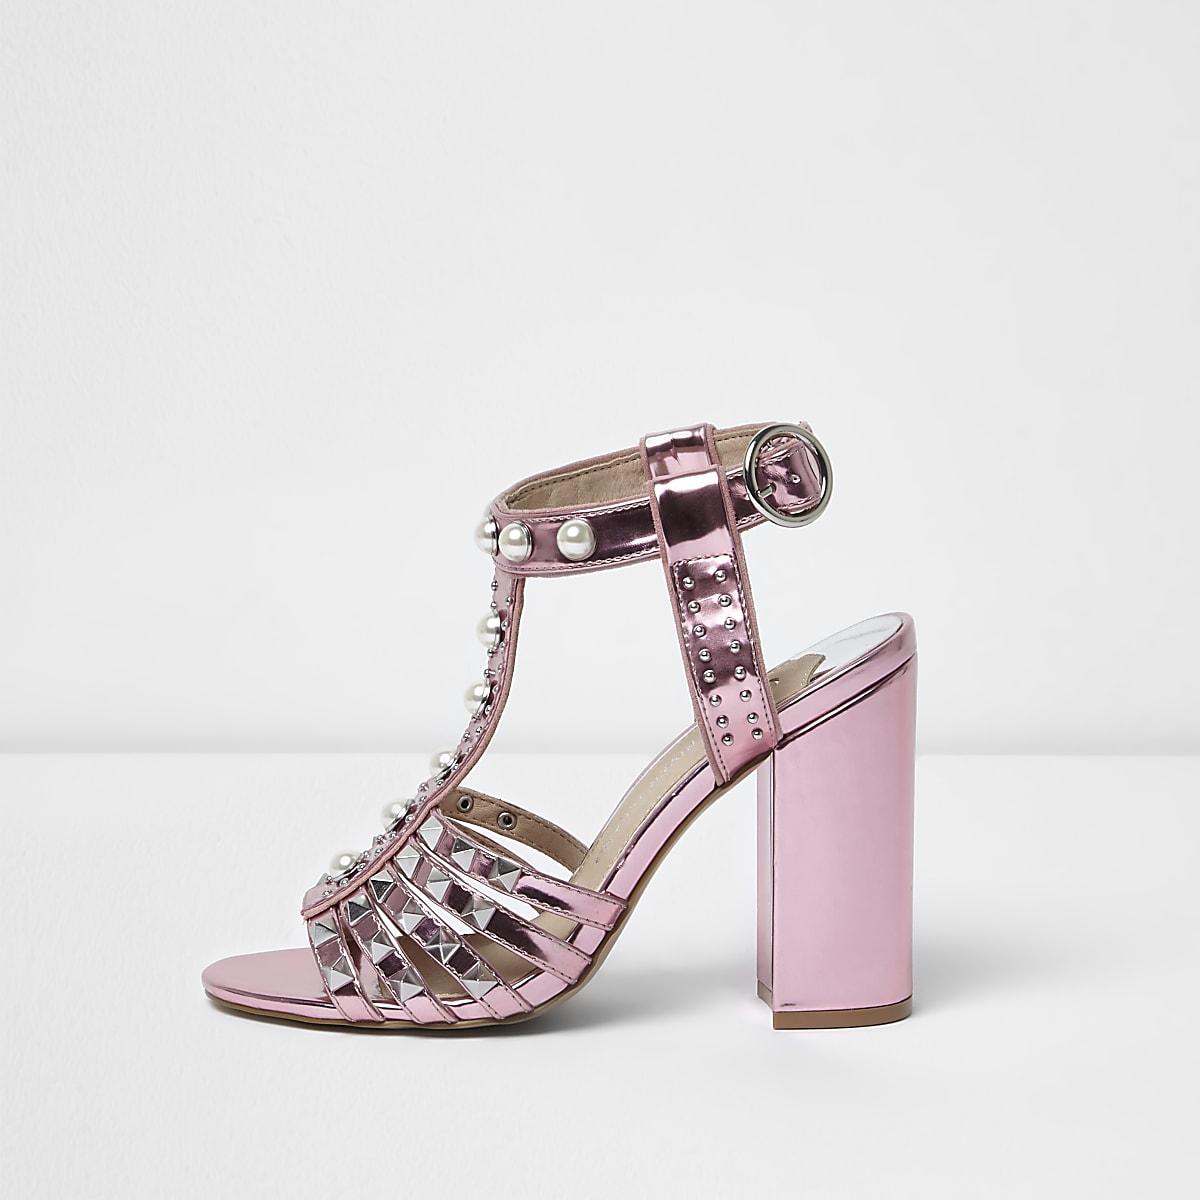 d889d68a872 Pink stud T-bar block heel sandals